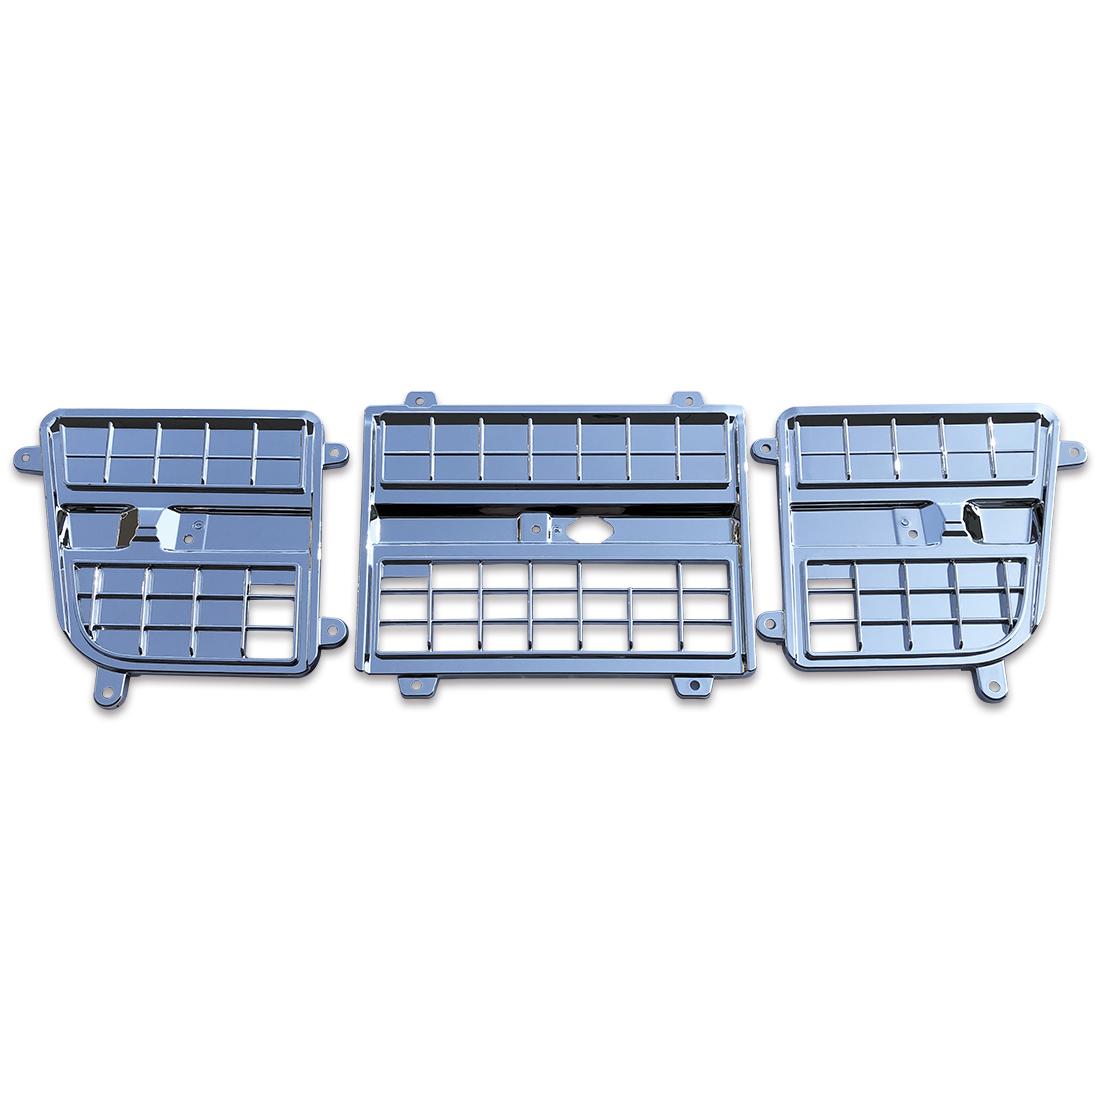 いすゞ NEW ギガ 07 ギガ H22.5-H27.11 メッキ インナー リッド グリル ガーニッシュ 3分割 純正交換タイプ セット AP-T111-01